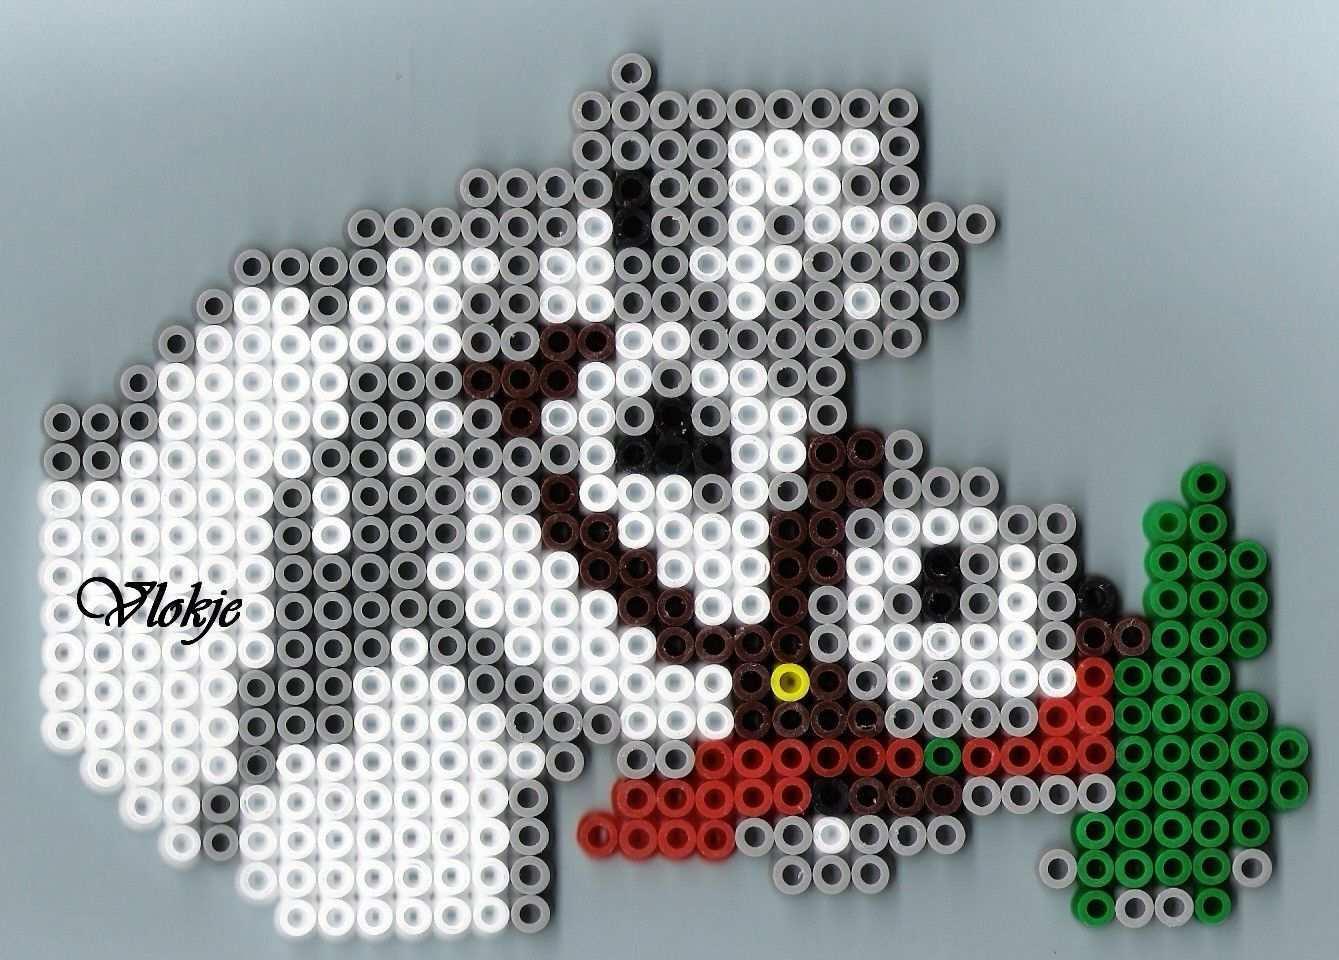 Strijkschimmel Jpg 1 339 960 Pixels Strijkkralen Sinterklaas Strijkparels Kerst